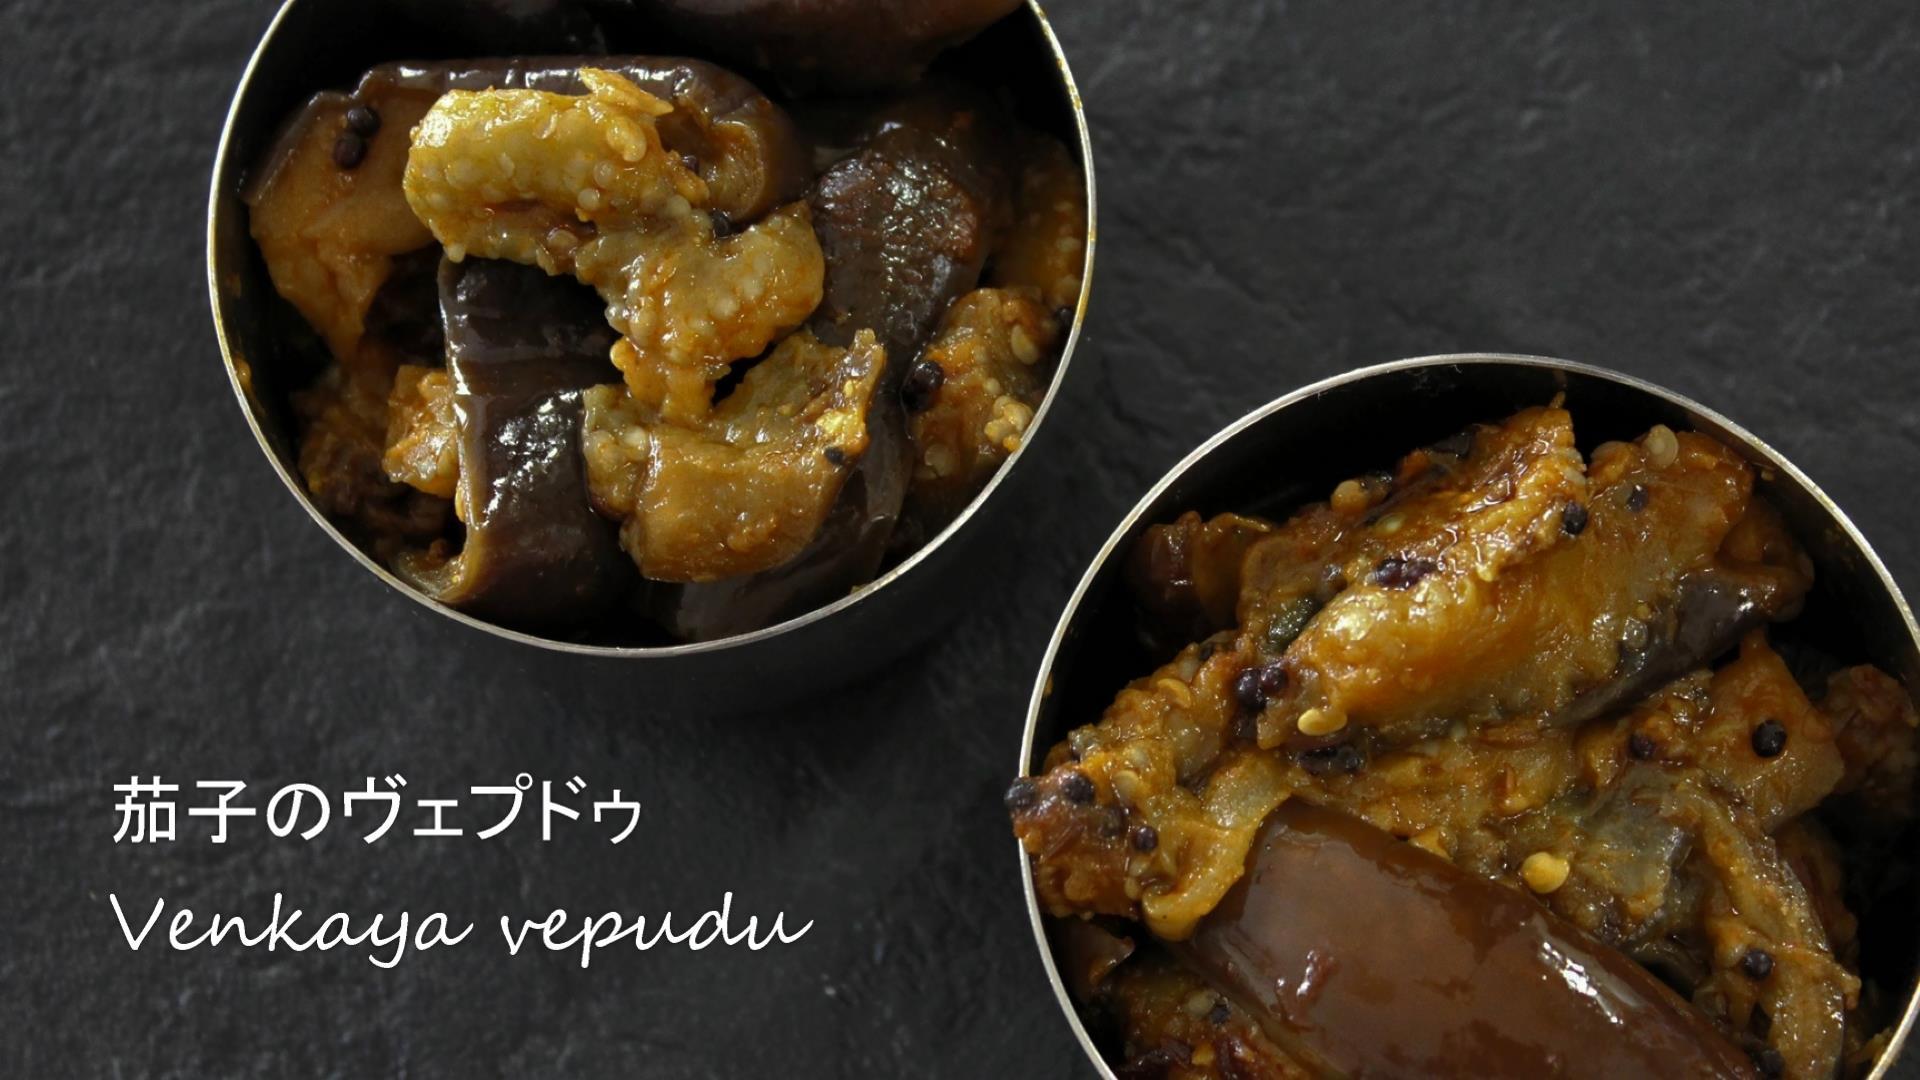 茄子のヴェプドゥのレシピ